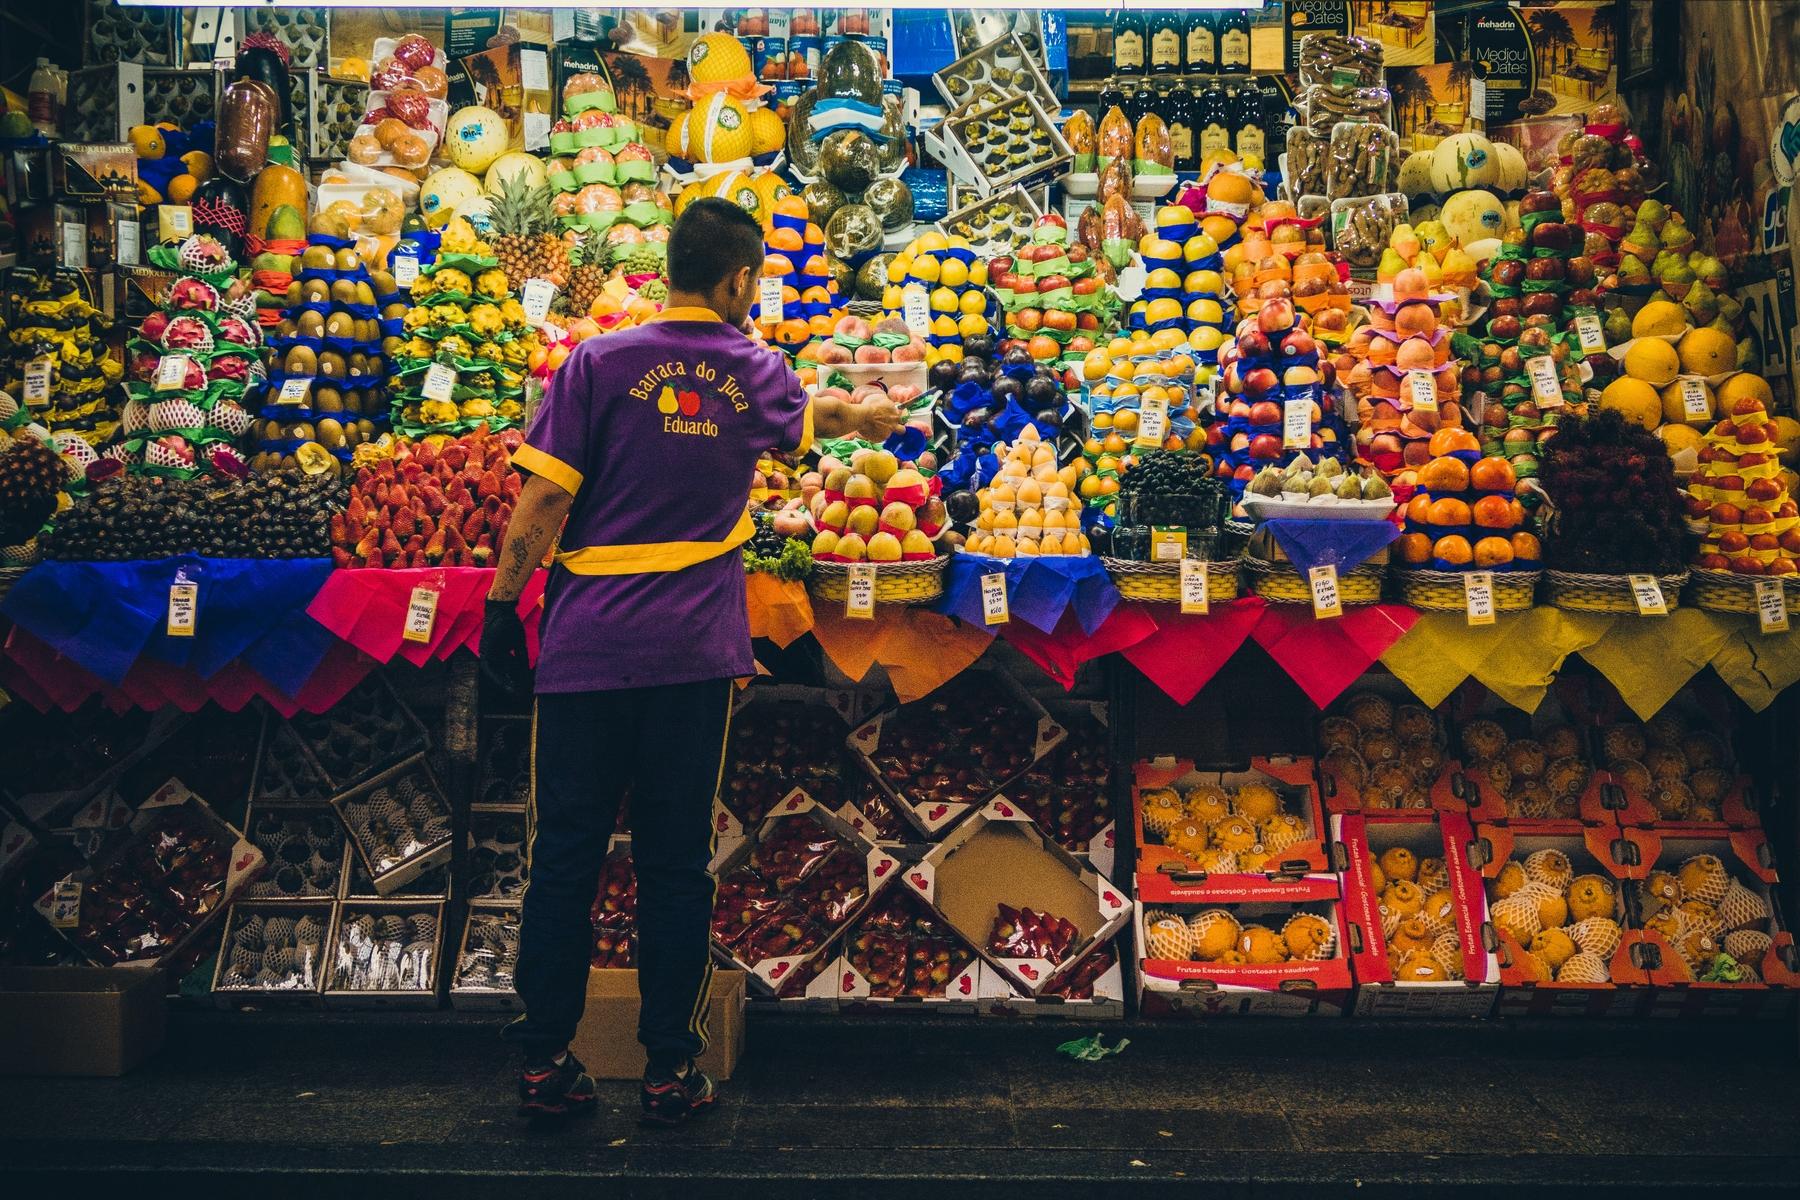 Vendedor em frente aa uma banca de frutas no Mercado Municipal de São Paulo.